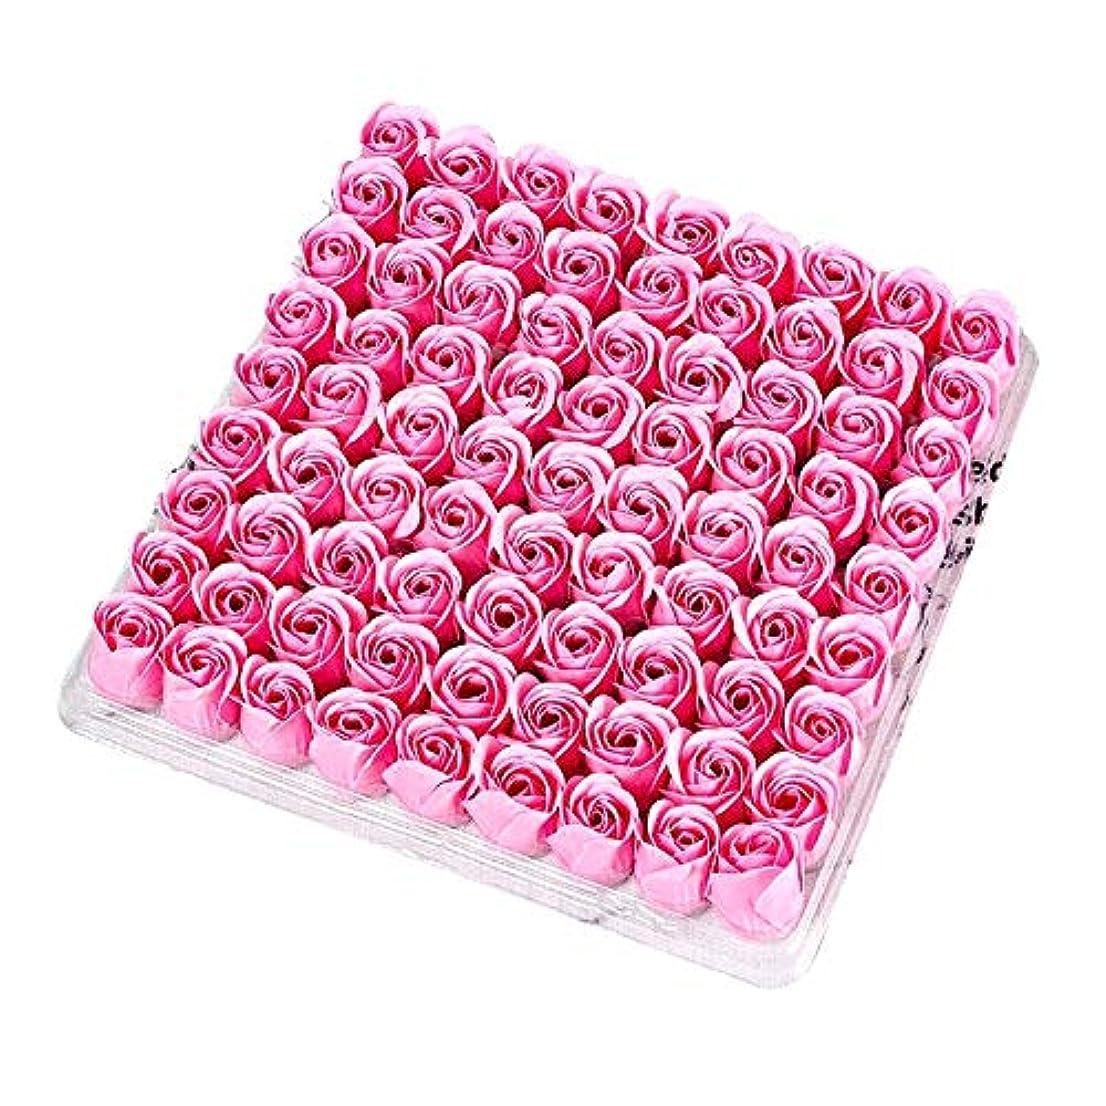 作曲家作詞家鋭くRETYLY 81個の薔薇、バス ボディ フラワー?フローラルの石けん 香りのよいローズフラワー エッセンシャルオイル フローラルのお客様への石鹸 ウェディング、パーティー、バレンタインデーの贈り物、ピンク